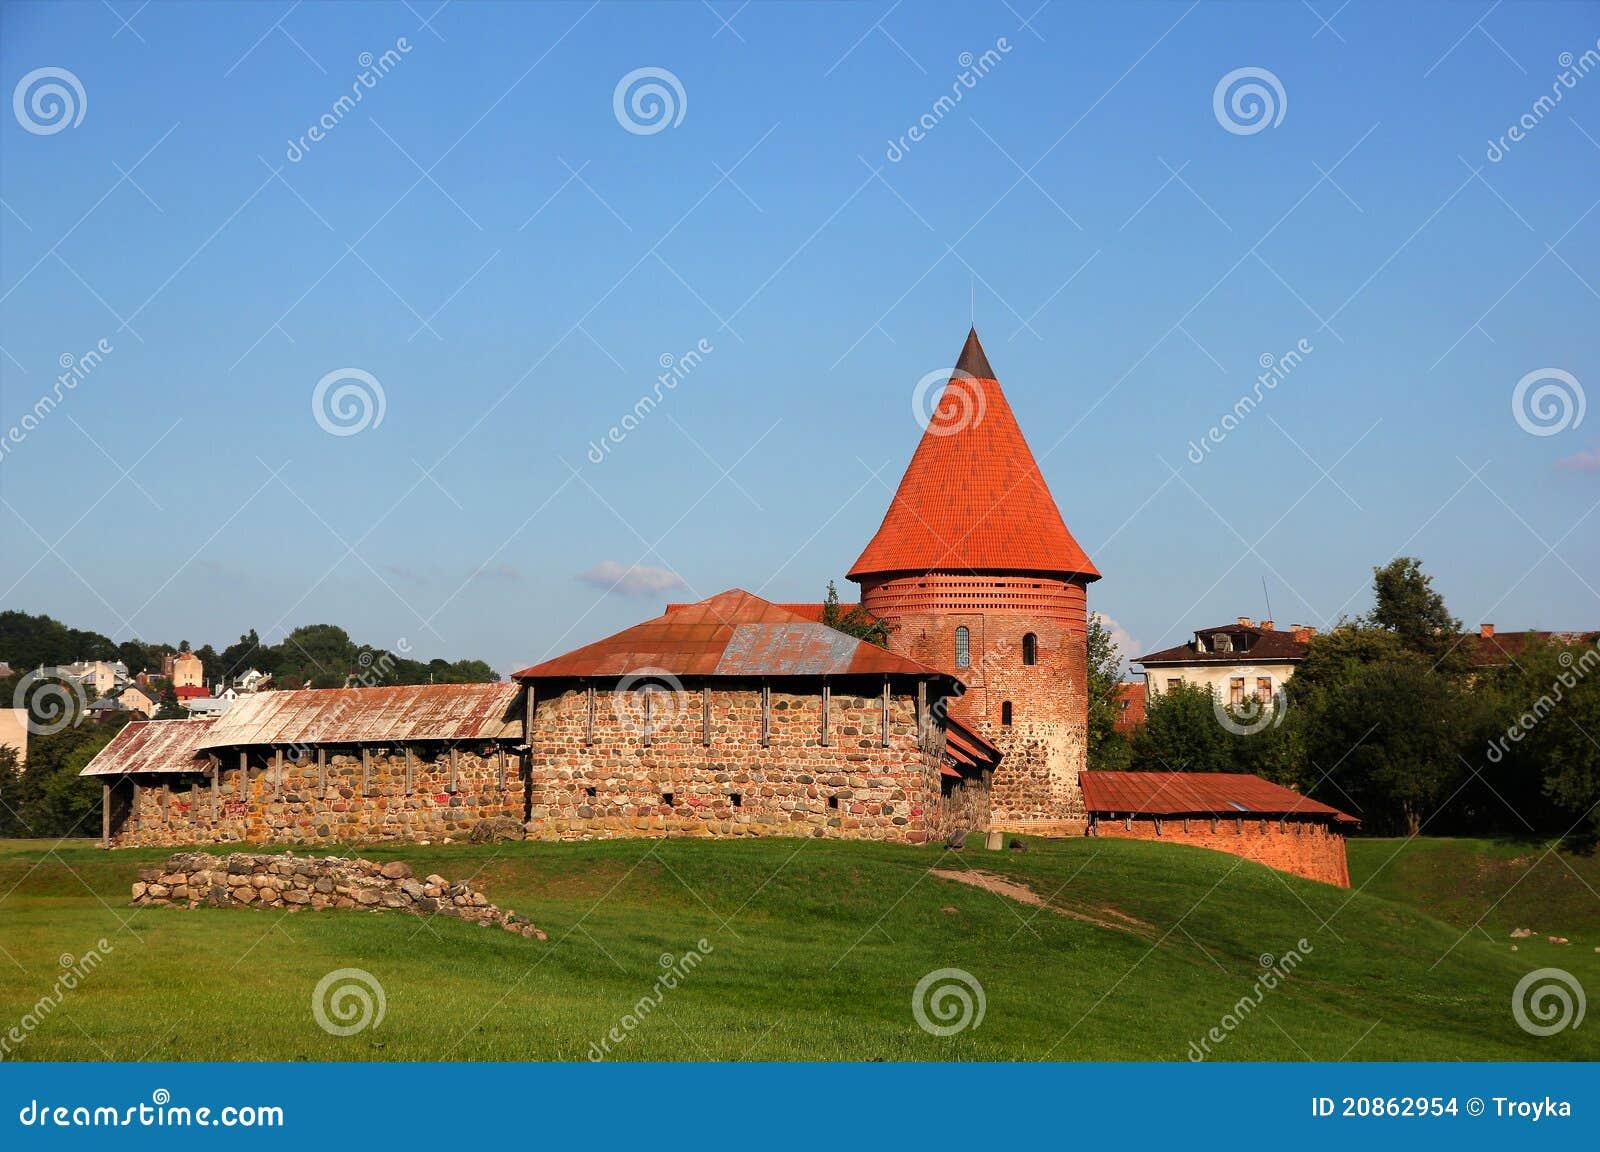 Castillo viejo en Kaunas, Lituania.